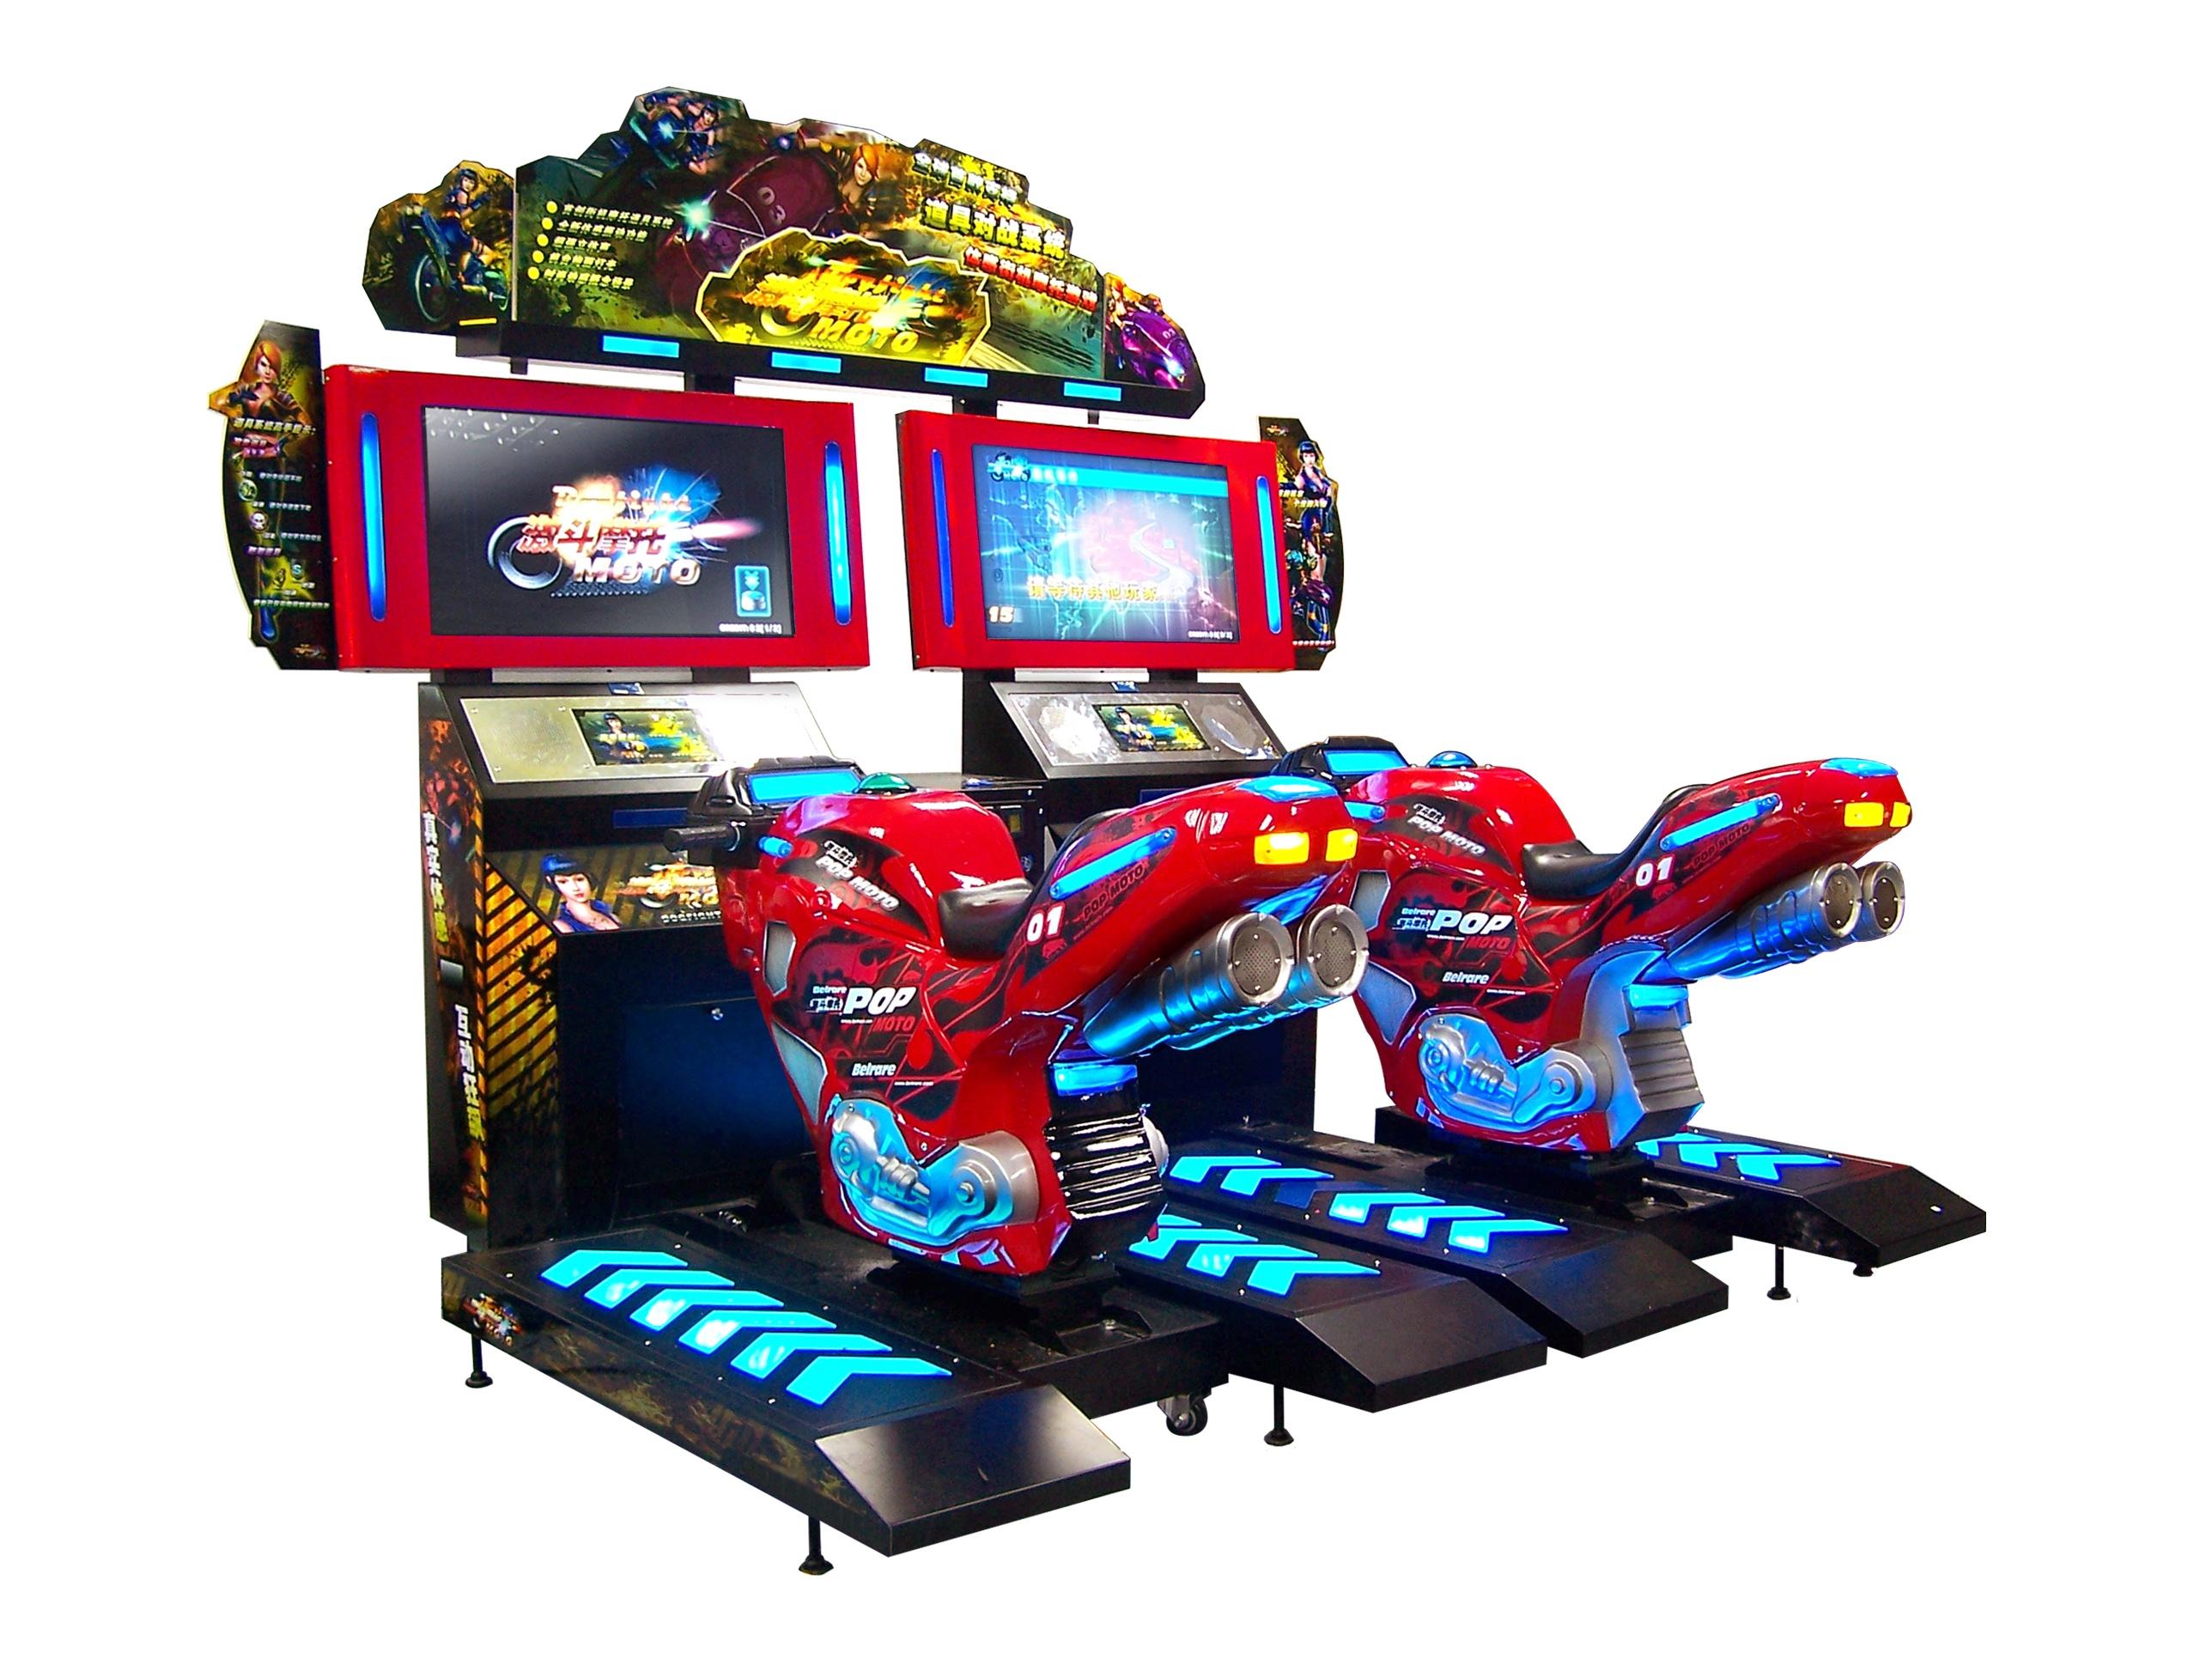 Игровые автоматы-виртуальный мотоцикл хакер игровые автоматы онлайн